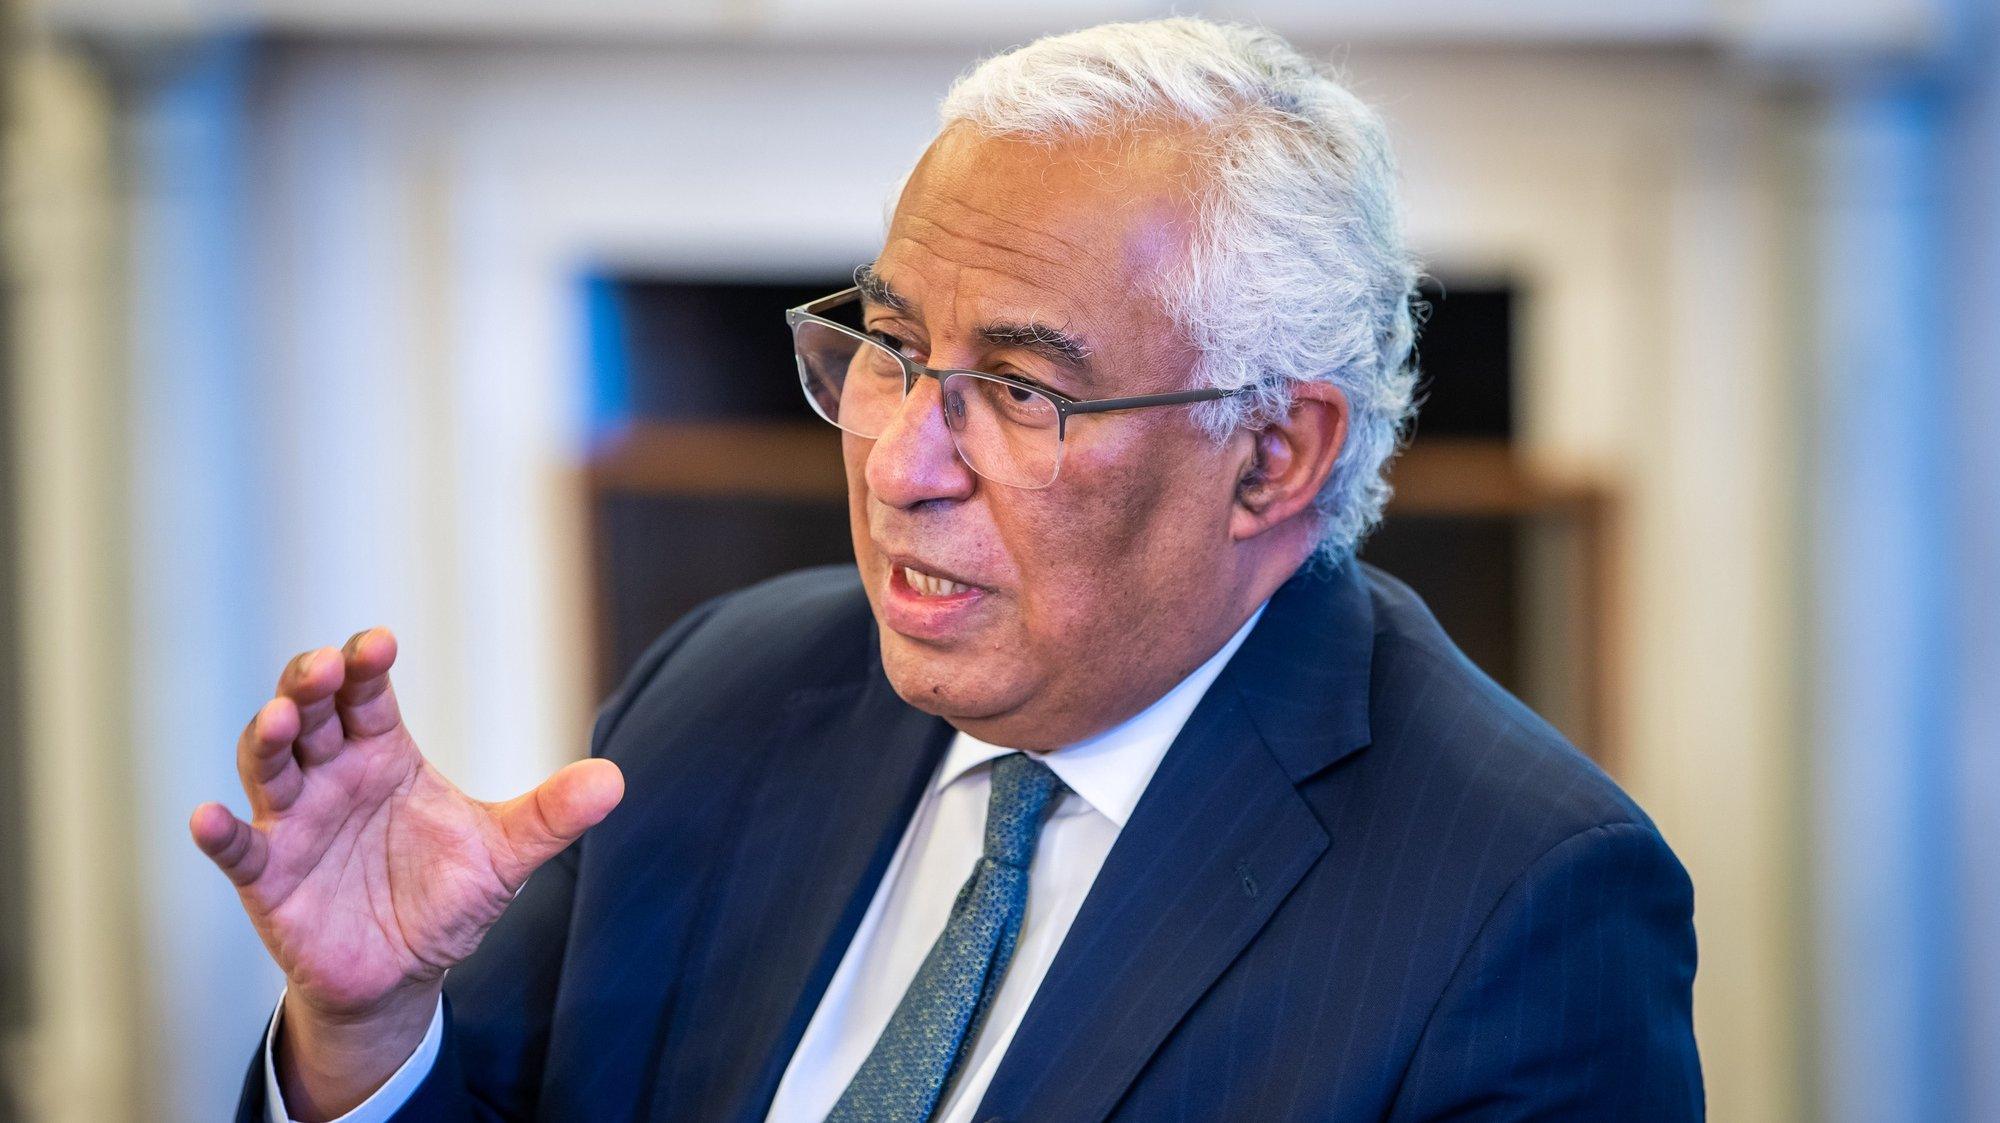 O primeiro-ministro, António Costa, em entrevista à Agência Lusa sobre a Cimeira Social da União Europeia, no Palácio de São Bento, em Lisboa, 05 de maio de 2021. (ACOMPANHA TEXTO DE 06 DE MAIO DE 2021) JOSÉ SENA GOULÃO/LUSA